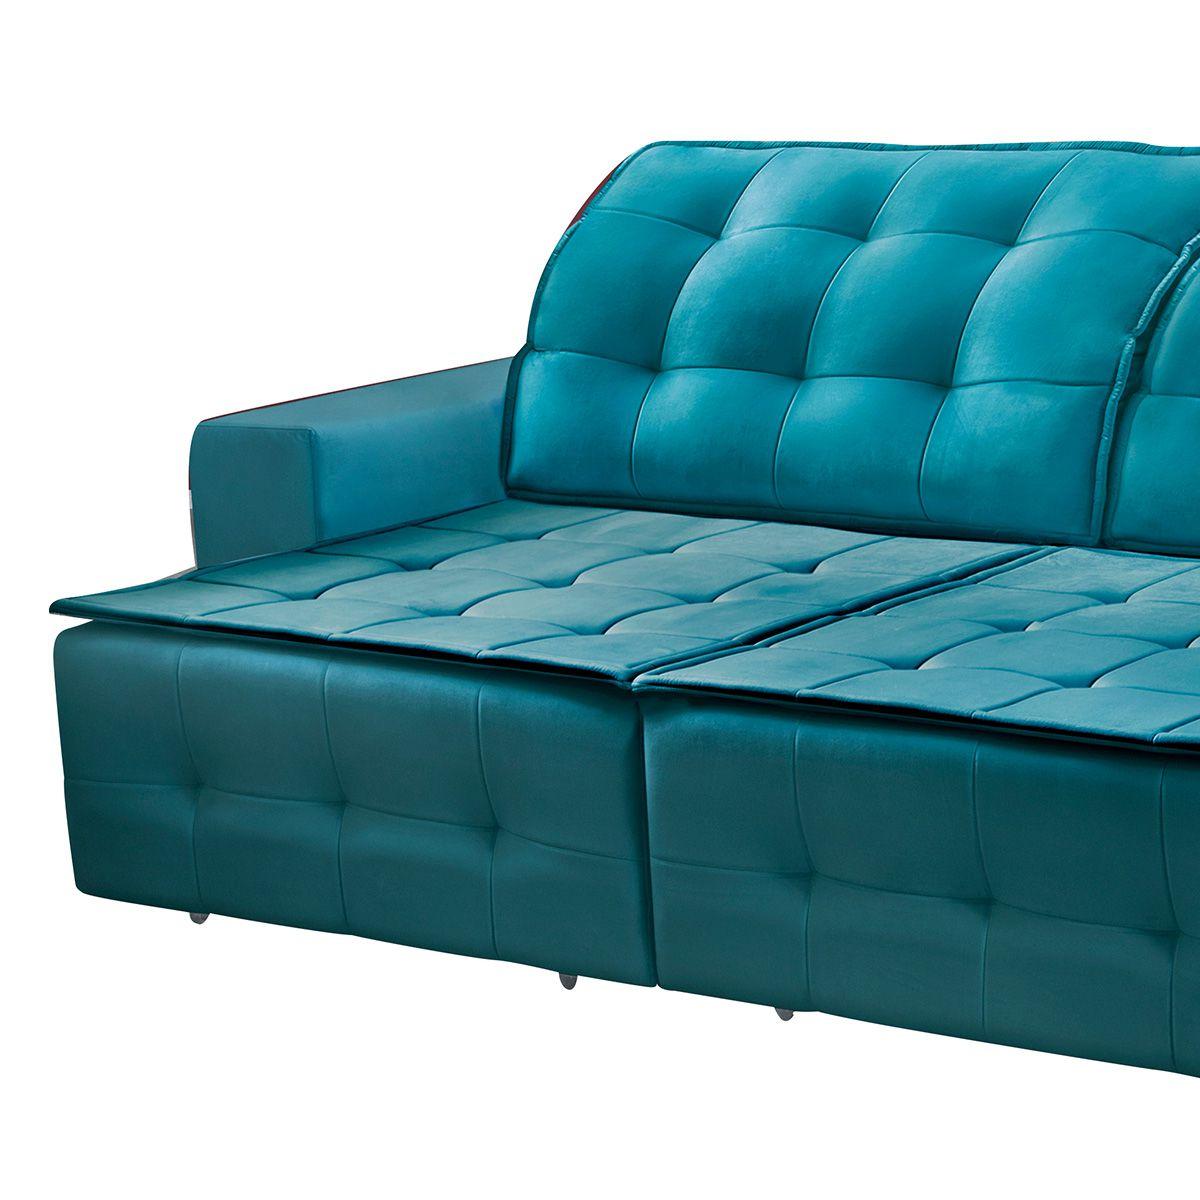 Sofá Retrátil e Reclinável Istambul 2,90 m Veludo Azul Esmeralda